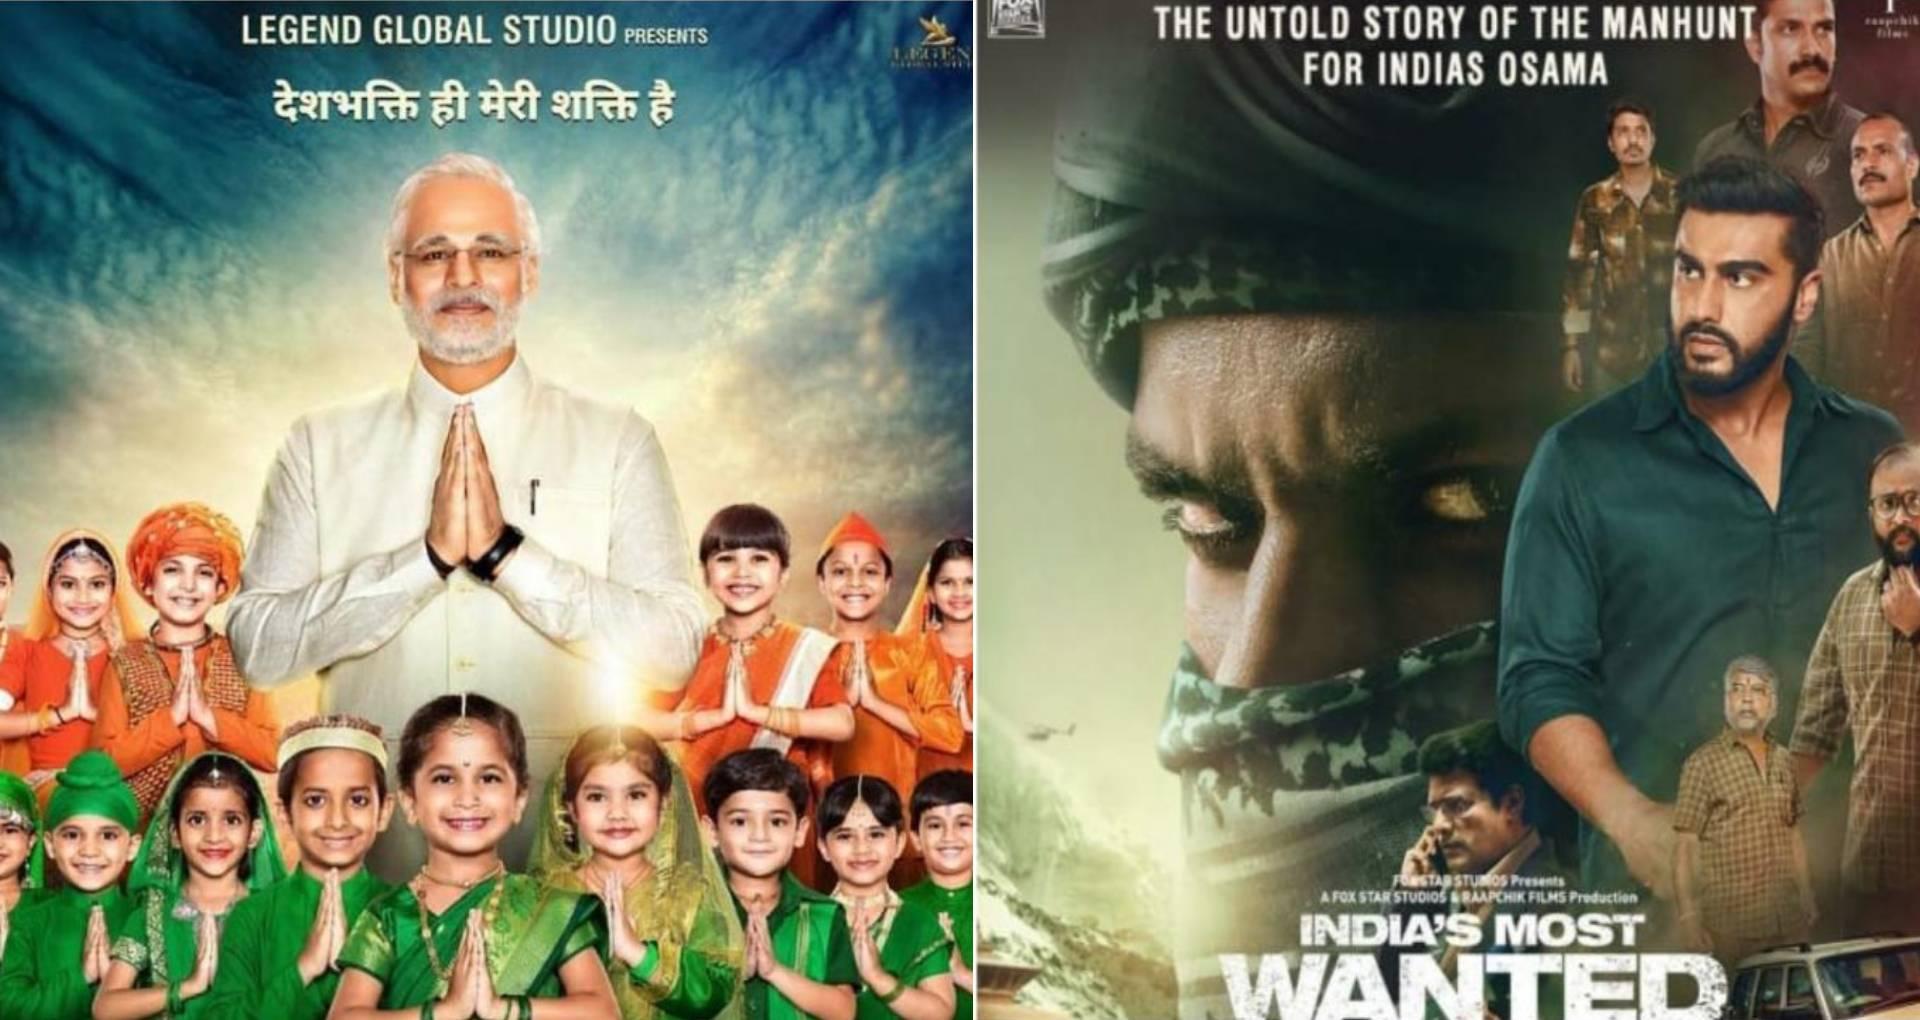 बॉक्स ऑफिस पर फ्लॉप साबित हुई फिल्म पीएम नरेंद्र मोदी और इंडियाज मोस्ट वांटेड, एक हफ्ते में कमाए बस इतने रुपए